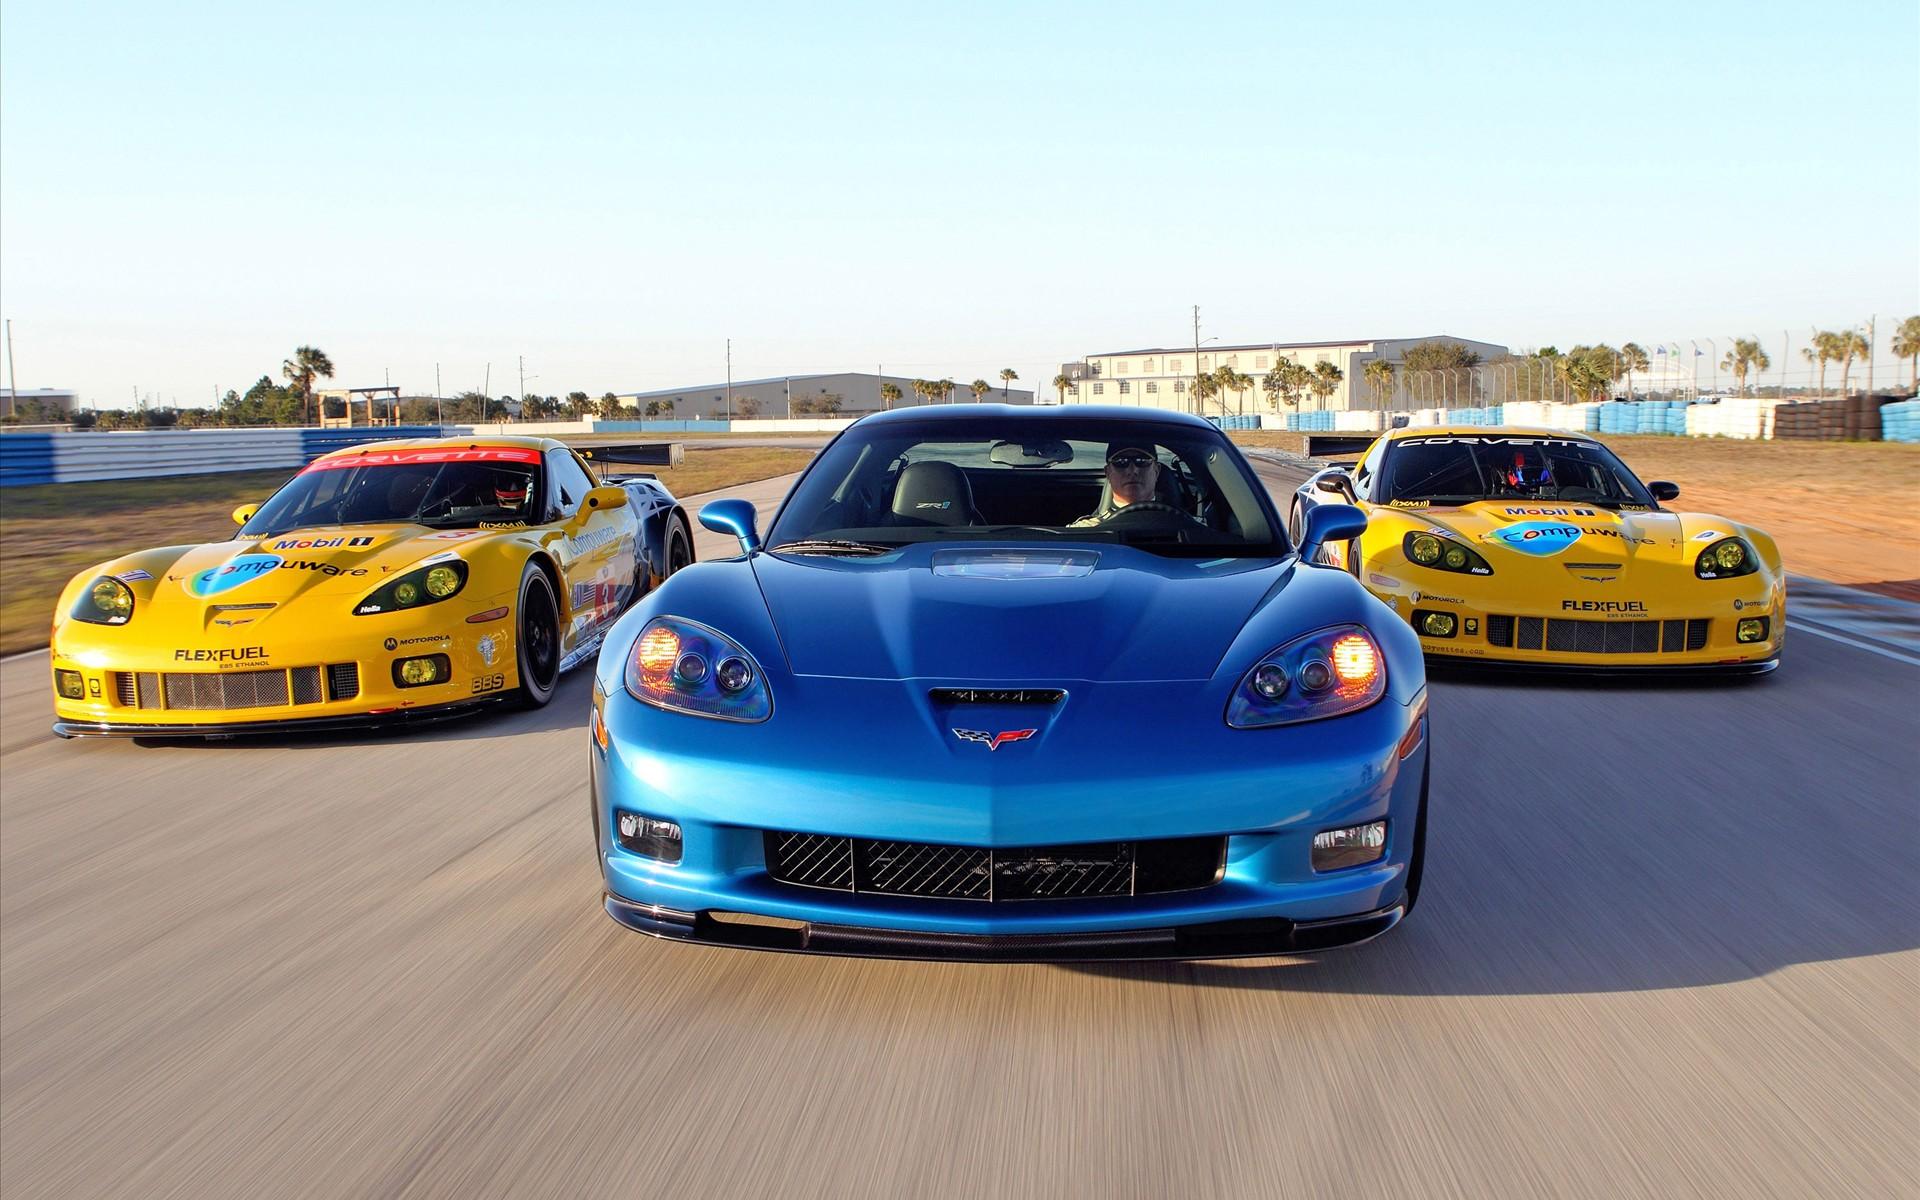 2010 Corvette Racing Sebring Cars Wallpapers HD Wallpapers 1920x1200